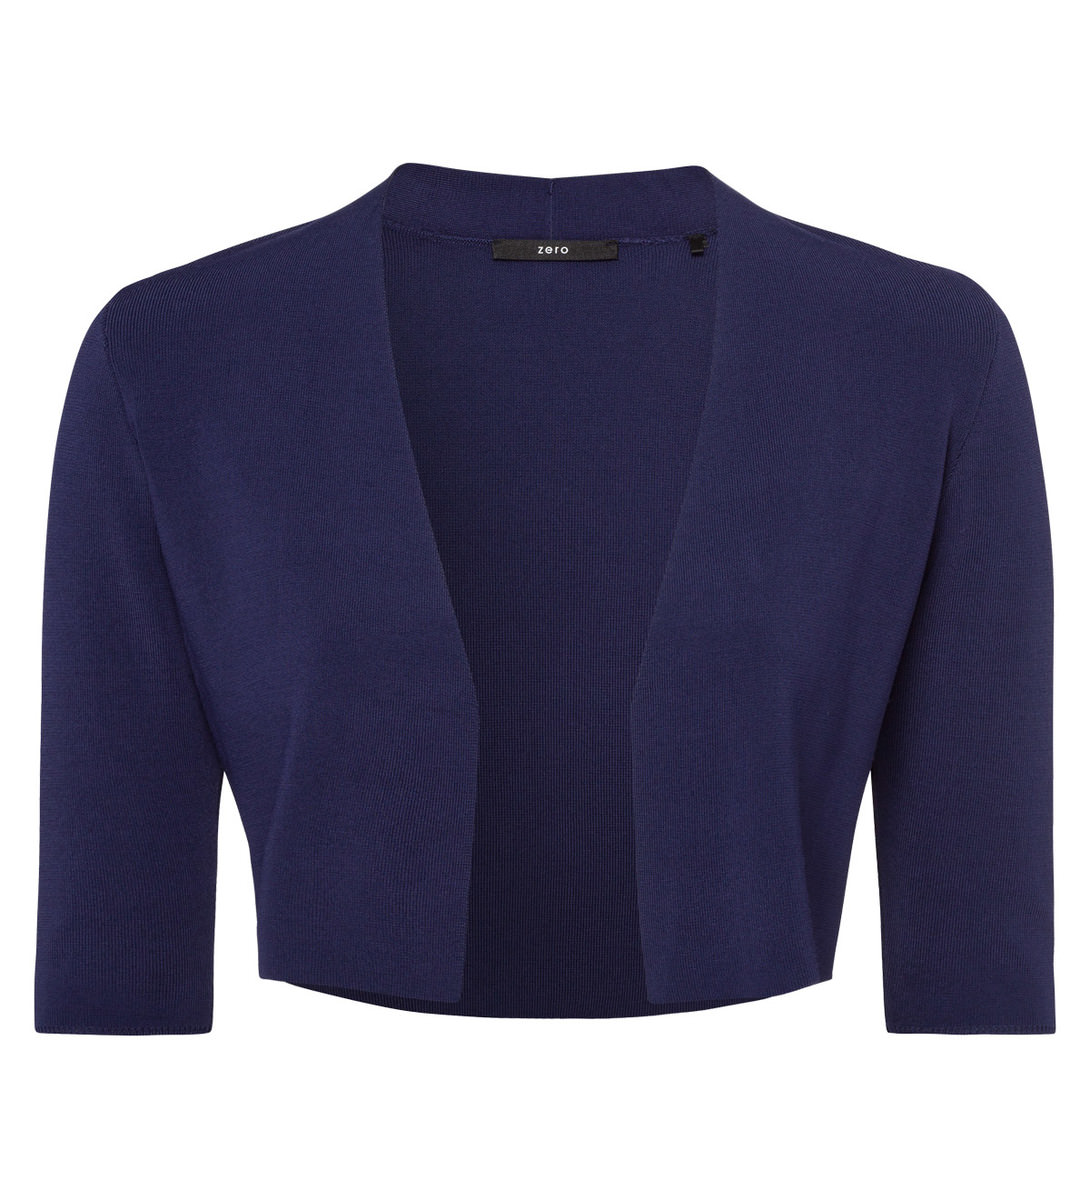 Bolero in offener Form in blue